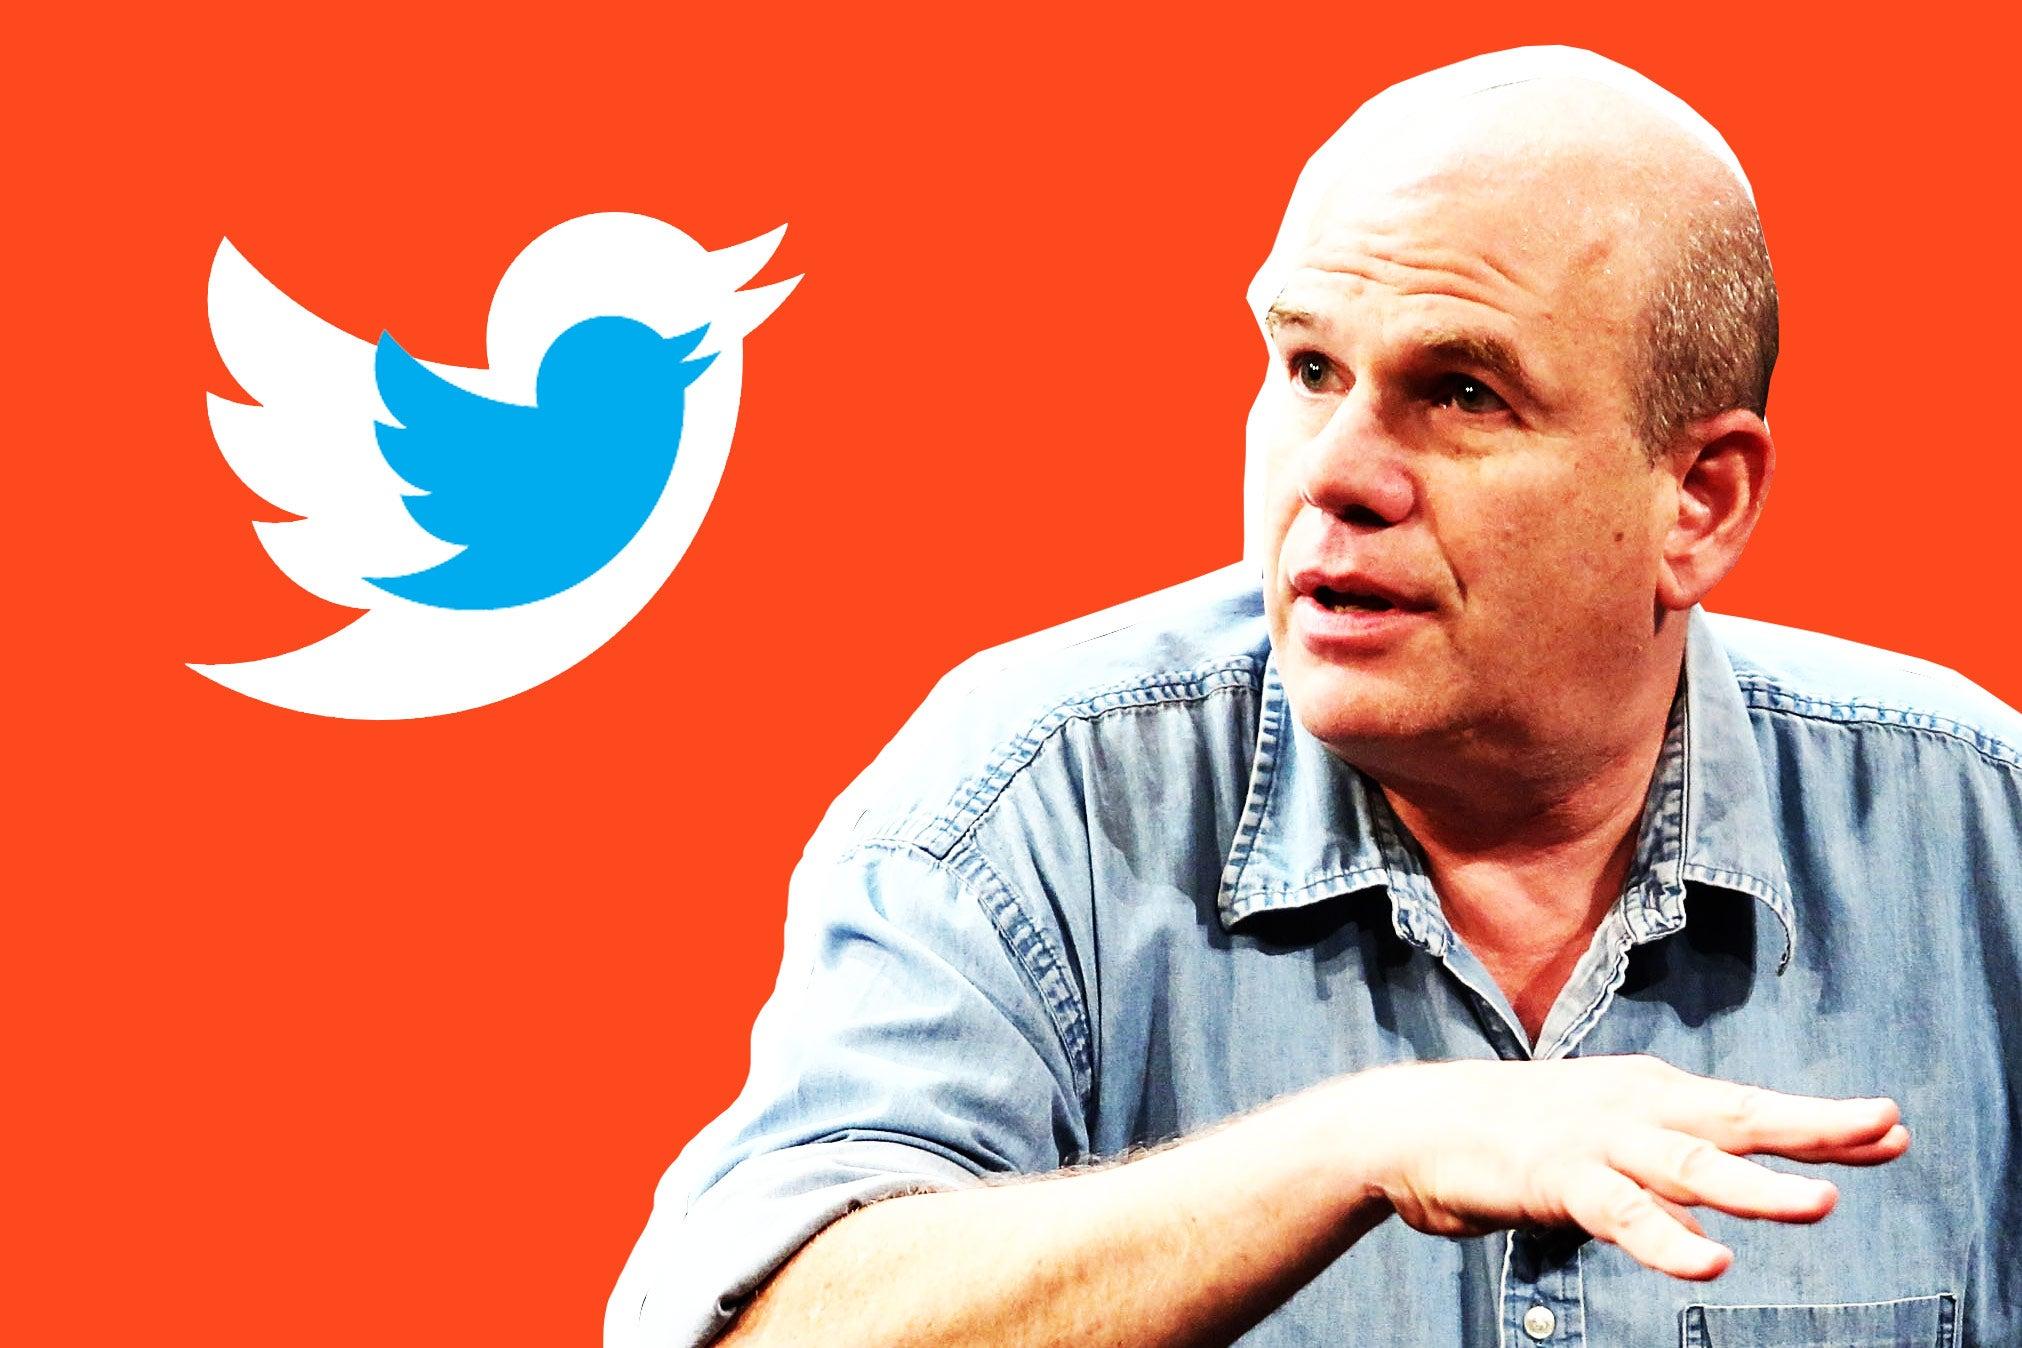 David Simon next to the Twitter logo.